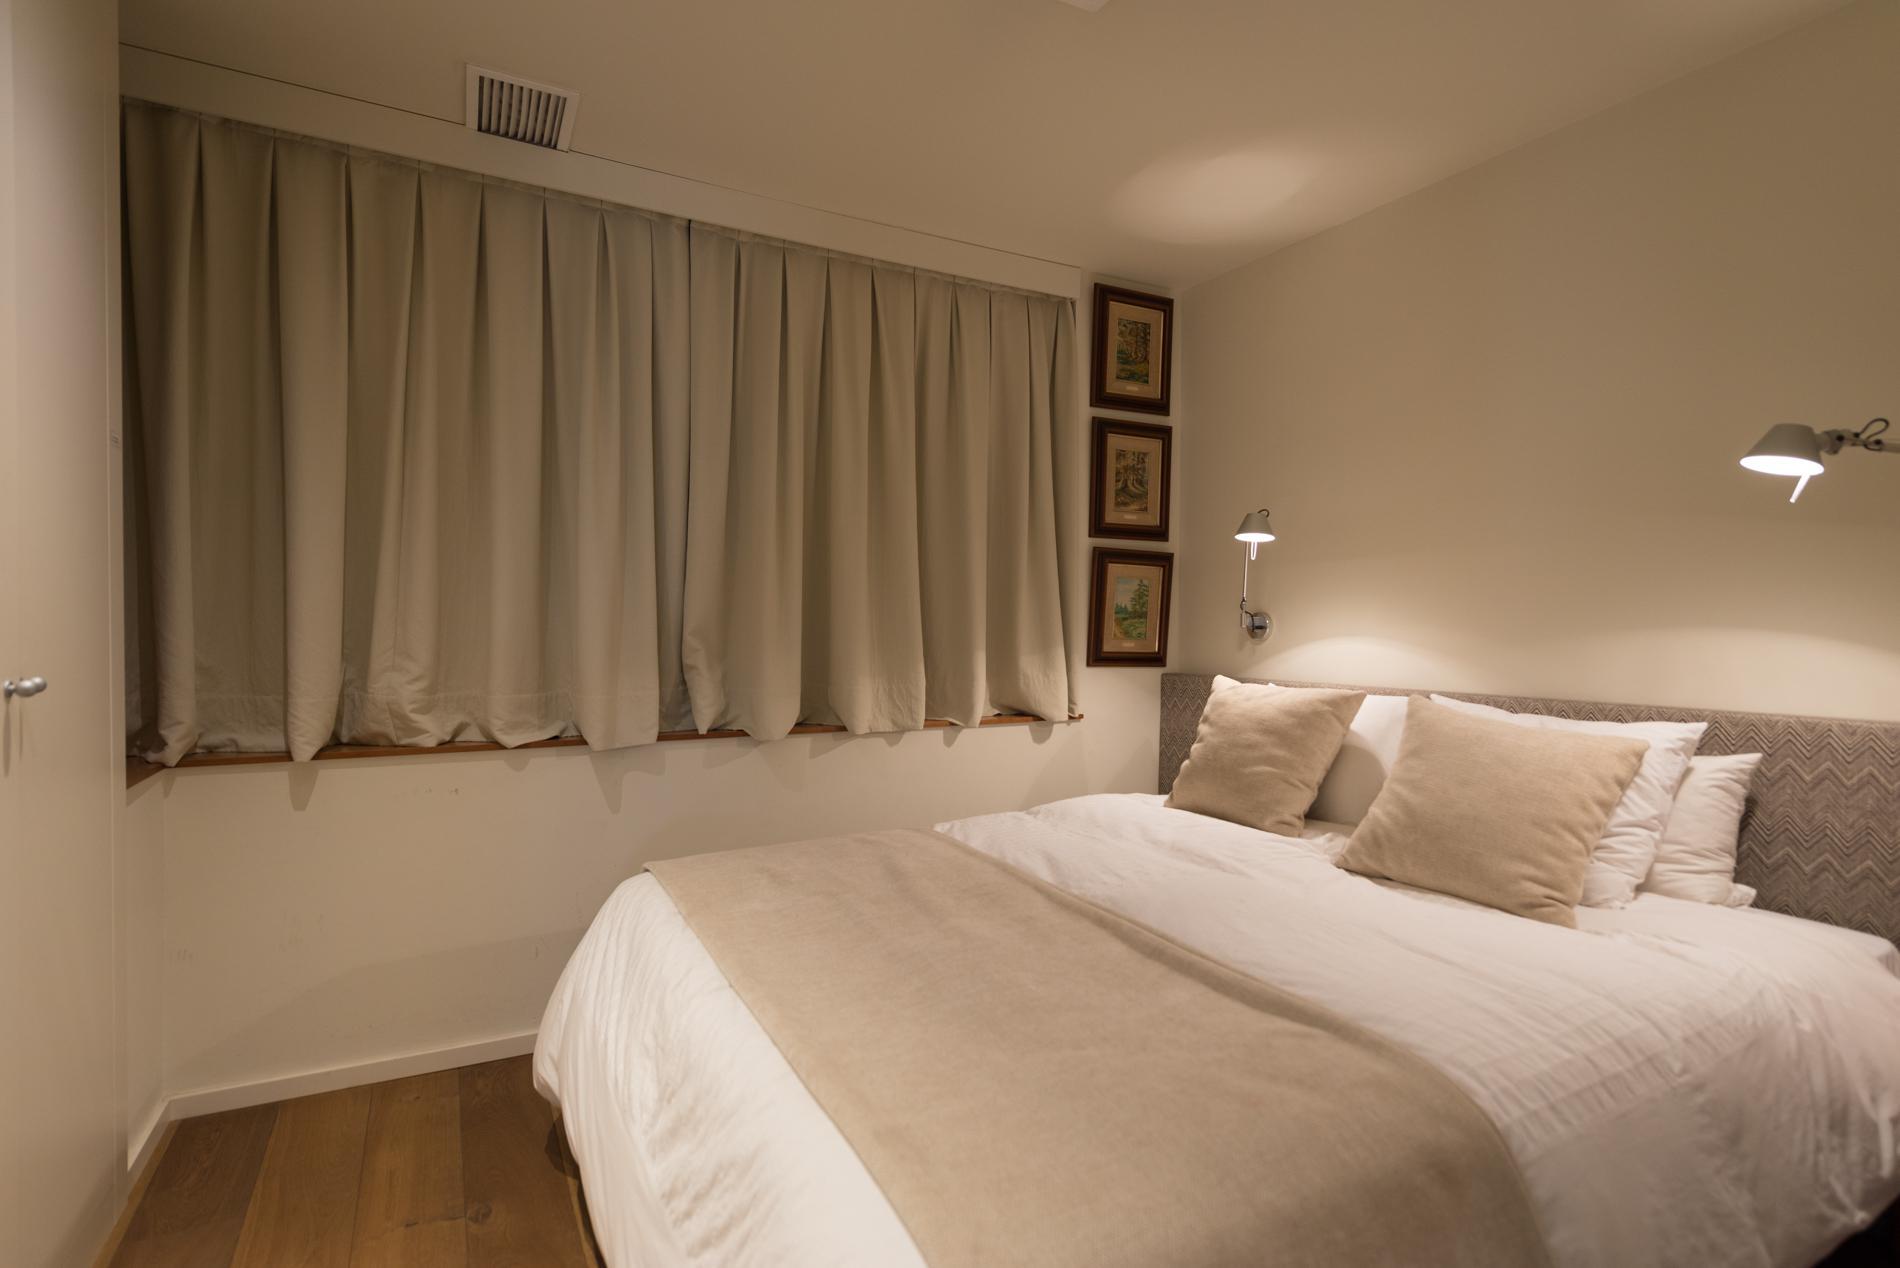 222426 Apartment for sale in Eixample, Dreta Eixample 29